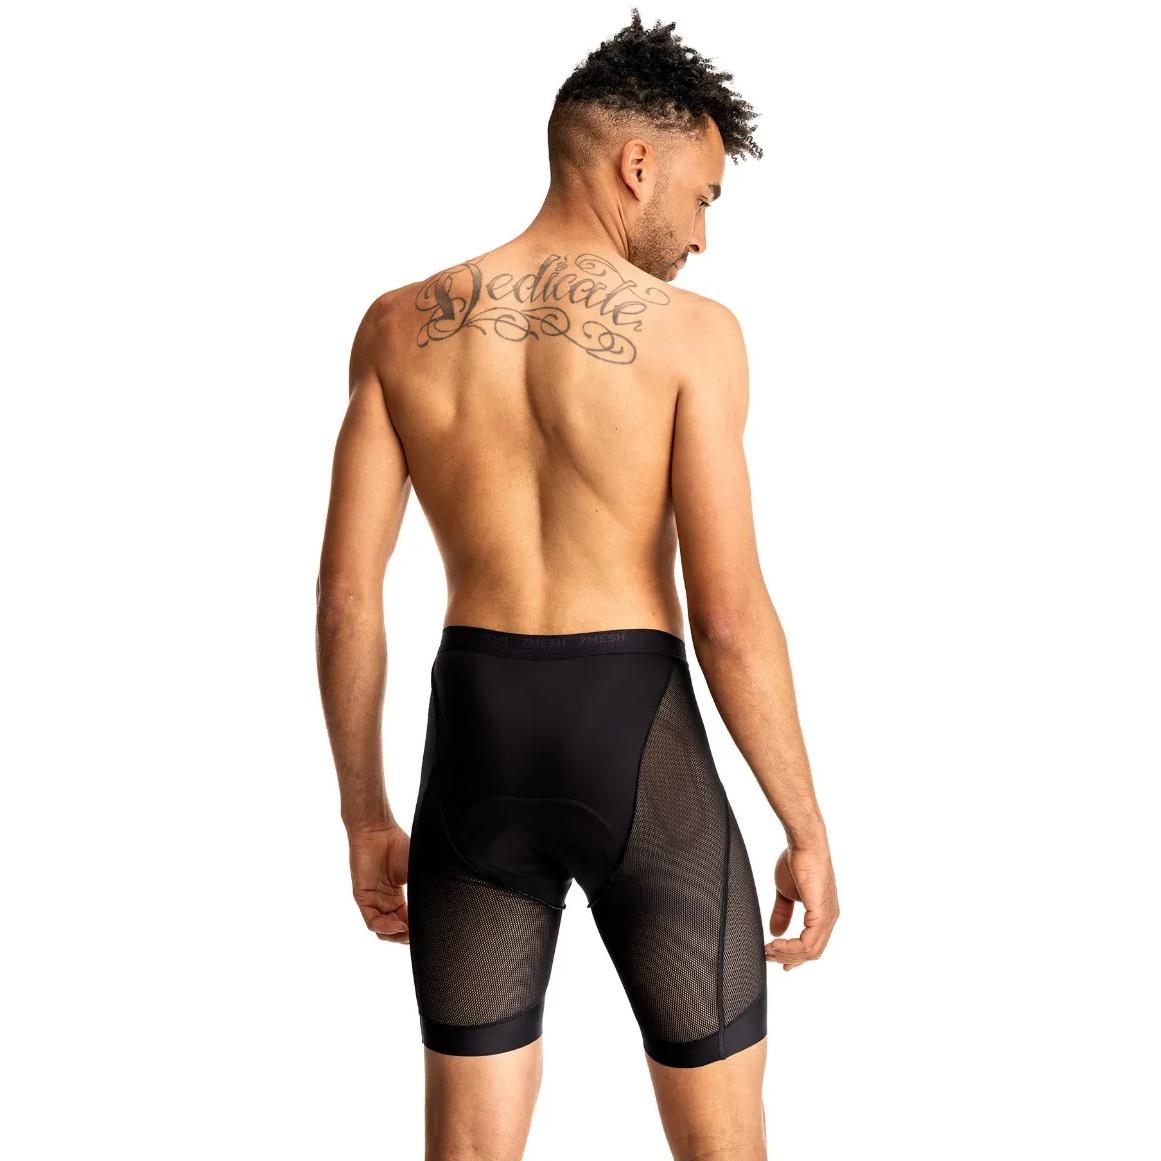 Imagen de 7mesh Foundation Pantalones cortos de bicicleta para hombres - Black